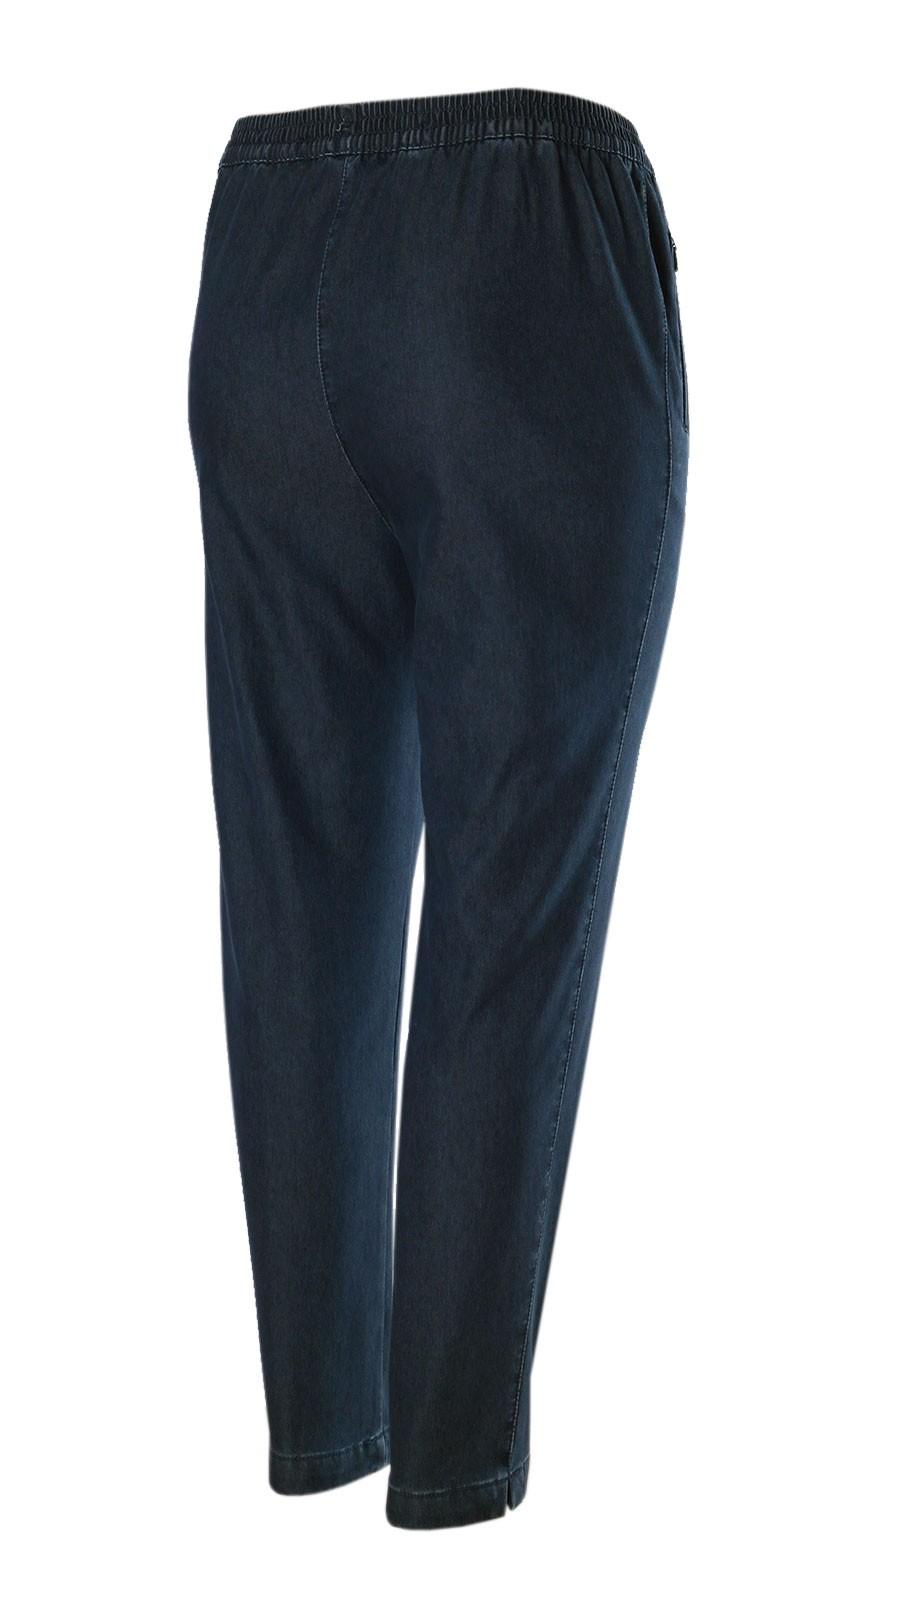 Damen Thermo Stretch Schlupfjeans Schlupfhose gefütterte Winter-Jeans - Navy/Seitenansicht